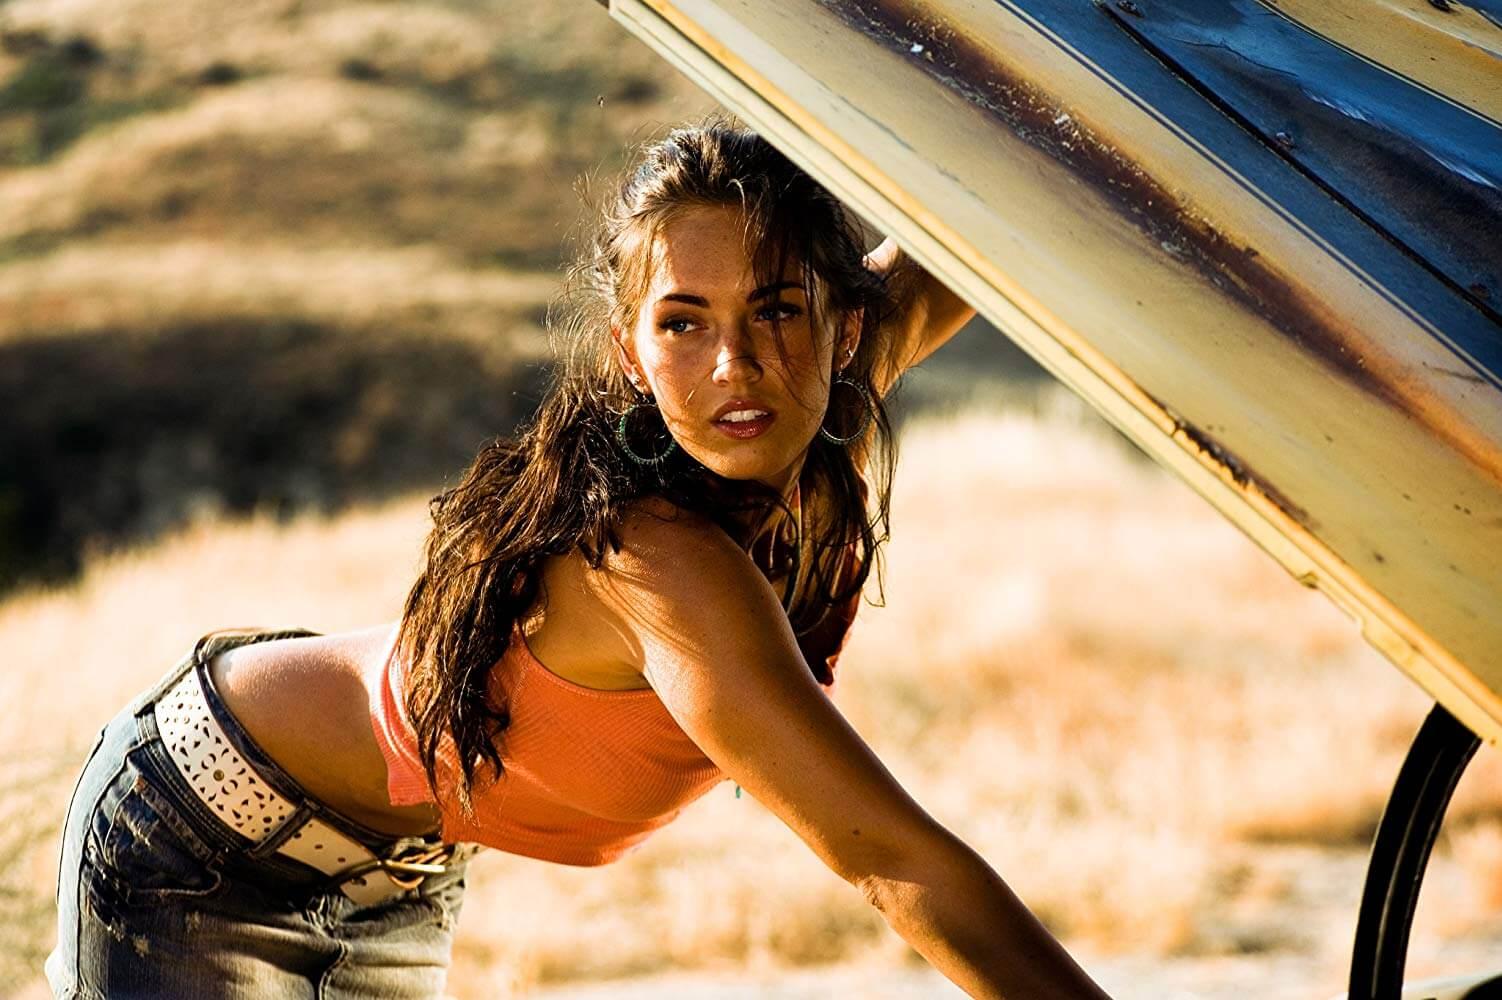 梅根福克斯在麥可貝 2007 導演作品《變形金剛》中飾演性感的女主角蜜琪。